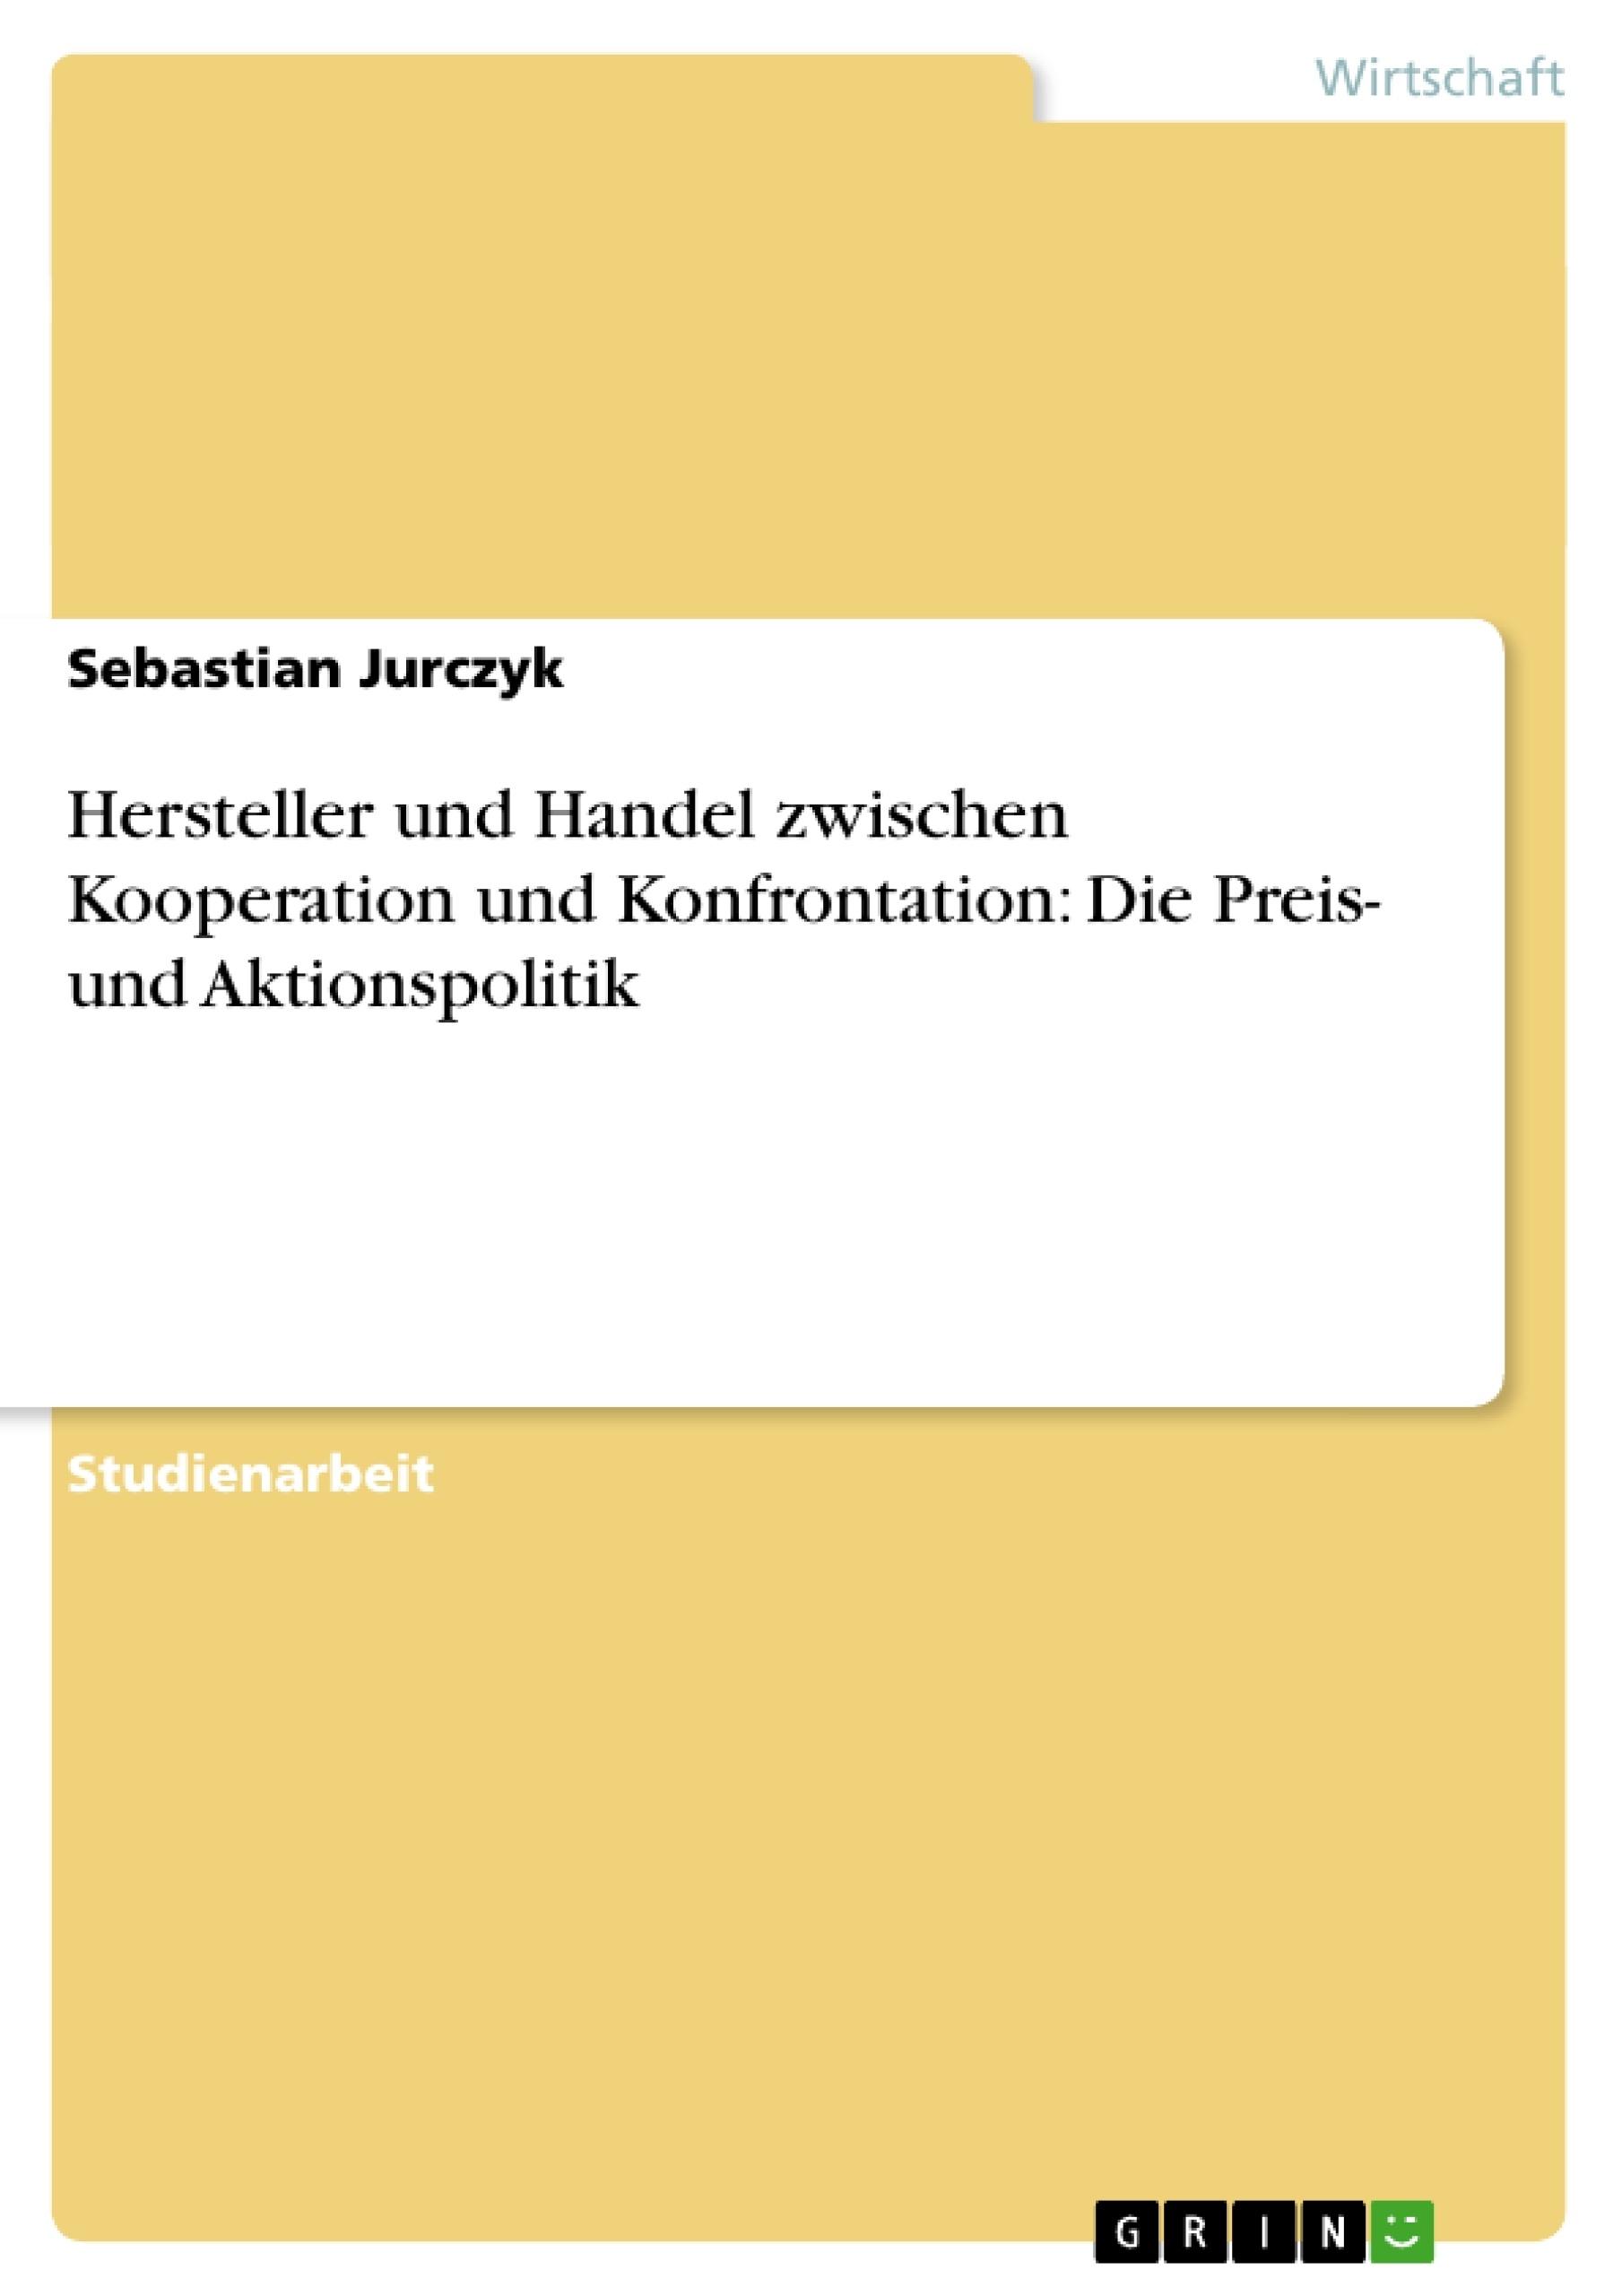 Titel: Hersteller und Handel zwischen Kooperation und Konfrontation: Die Preis- und Aktionspolitik